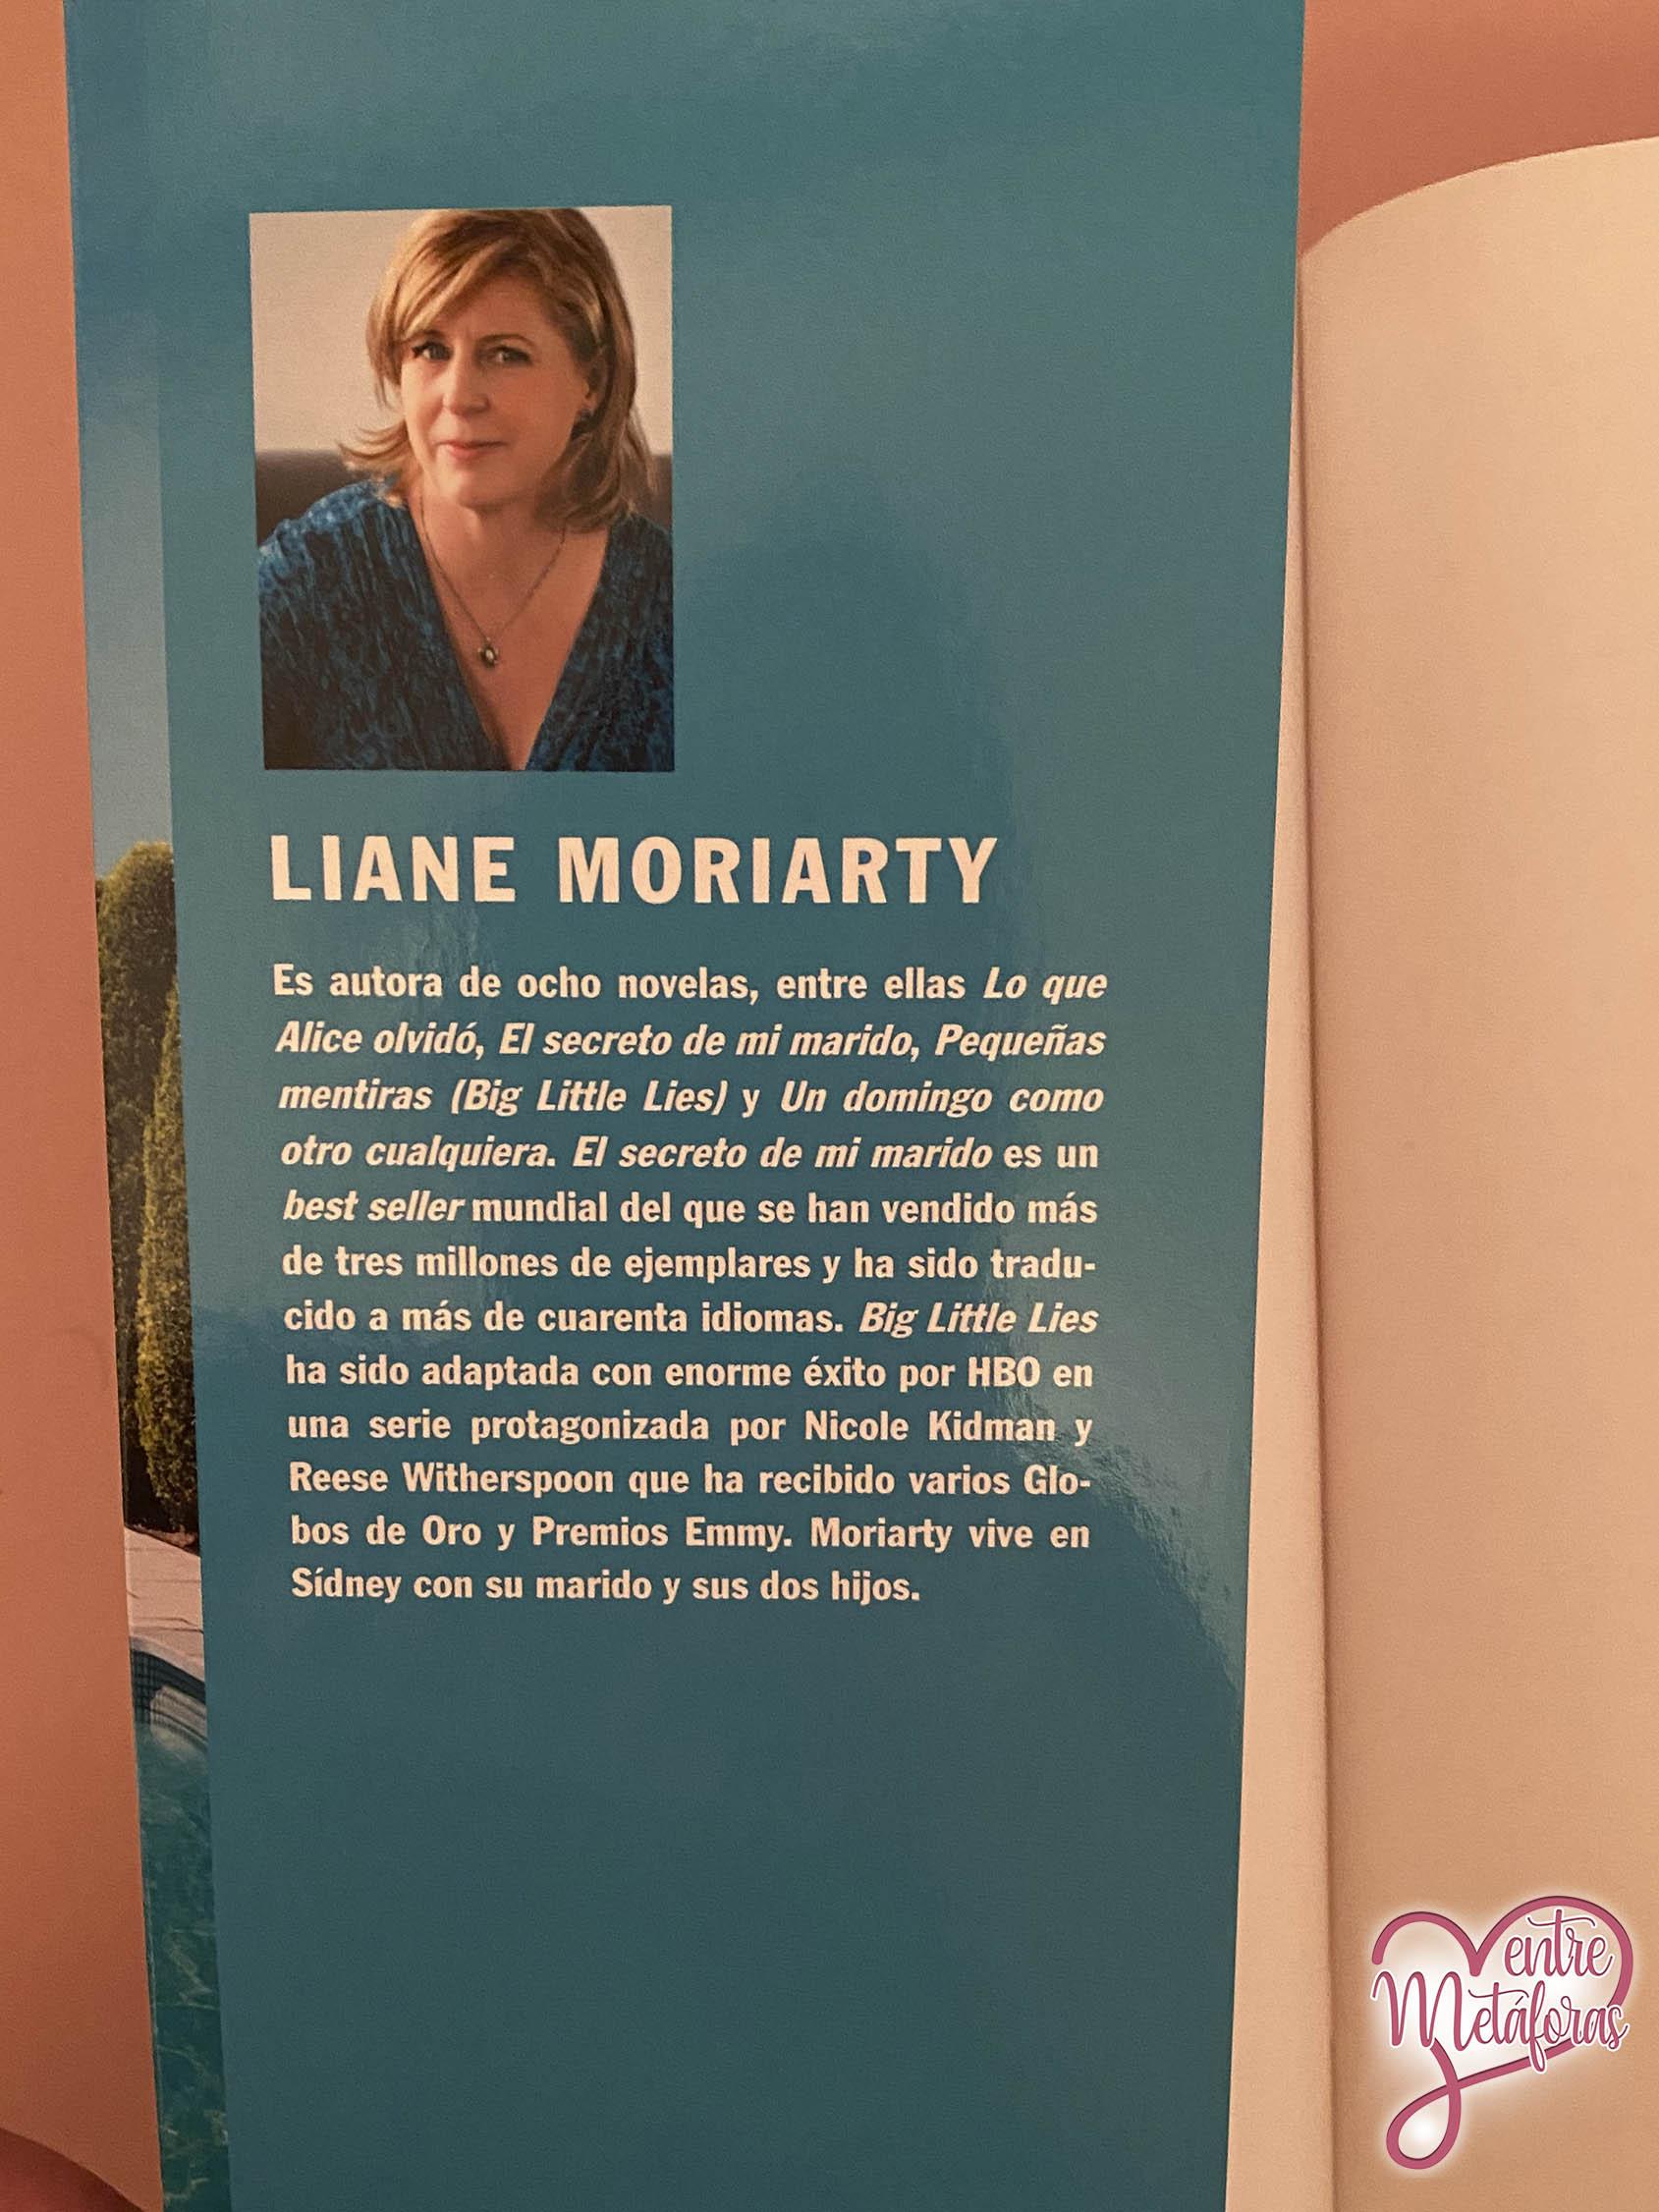 Nueve perfectos desconocidos, de Liane Moriarty - Reseña